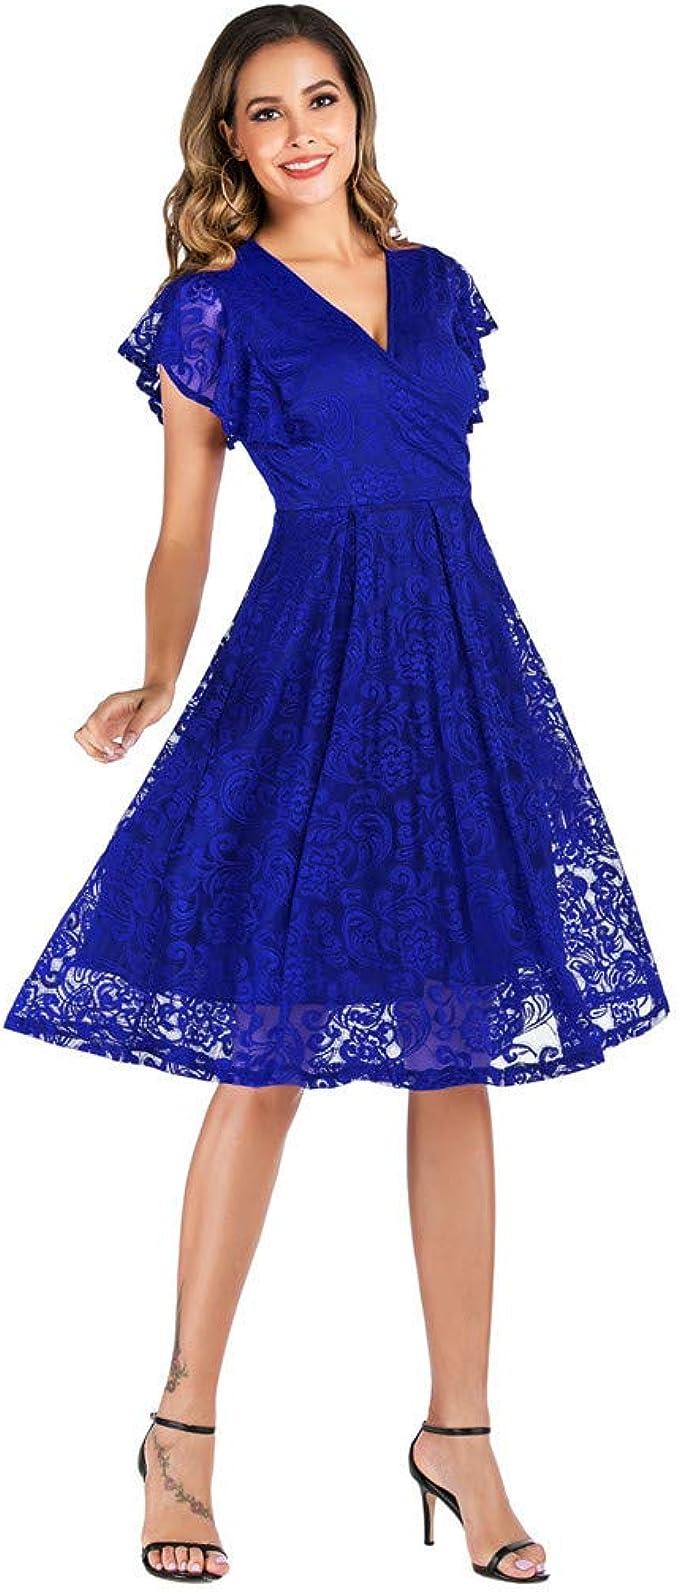 FRAUIT Damen Kurzarm Kleider Festliches Spitzenkleid V-Ausschnitt